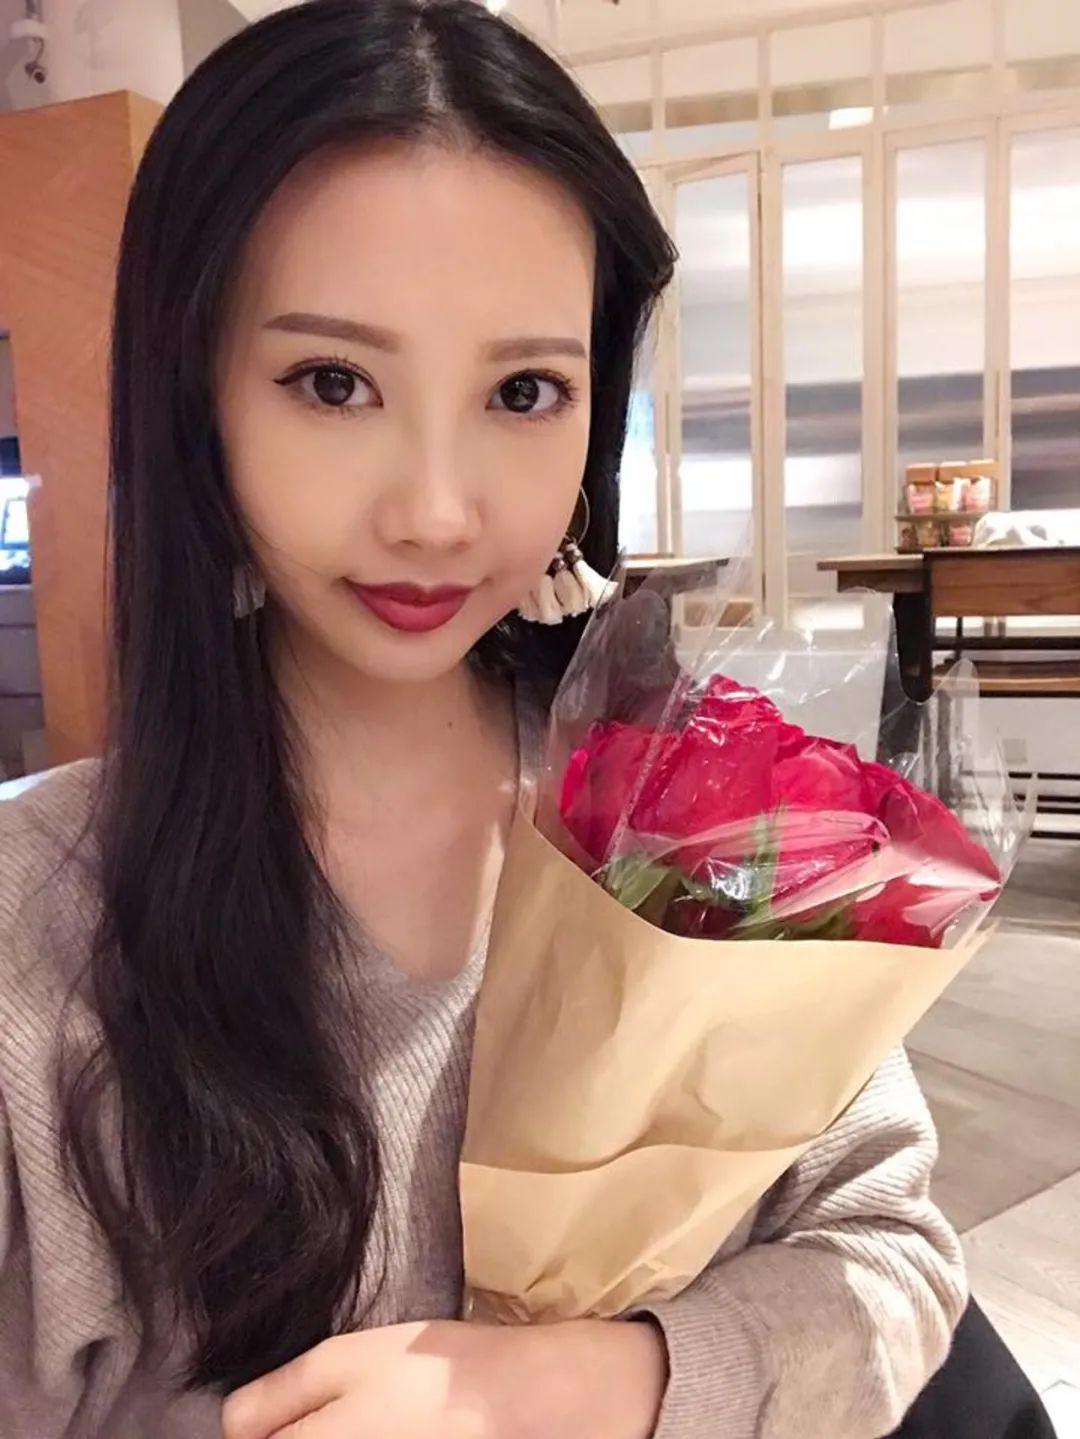 病情好转!31岁香港抗癌女歌手苦撑9年靠新疗法续命,感恩奇迹